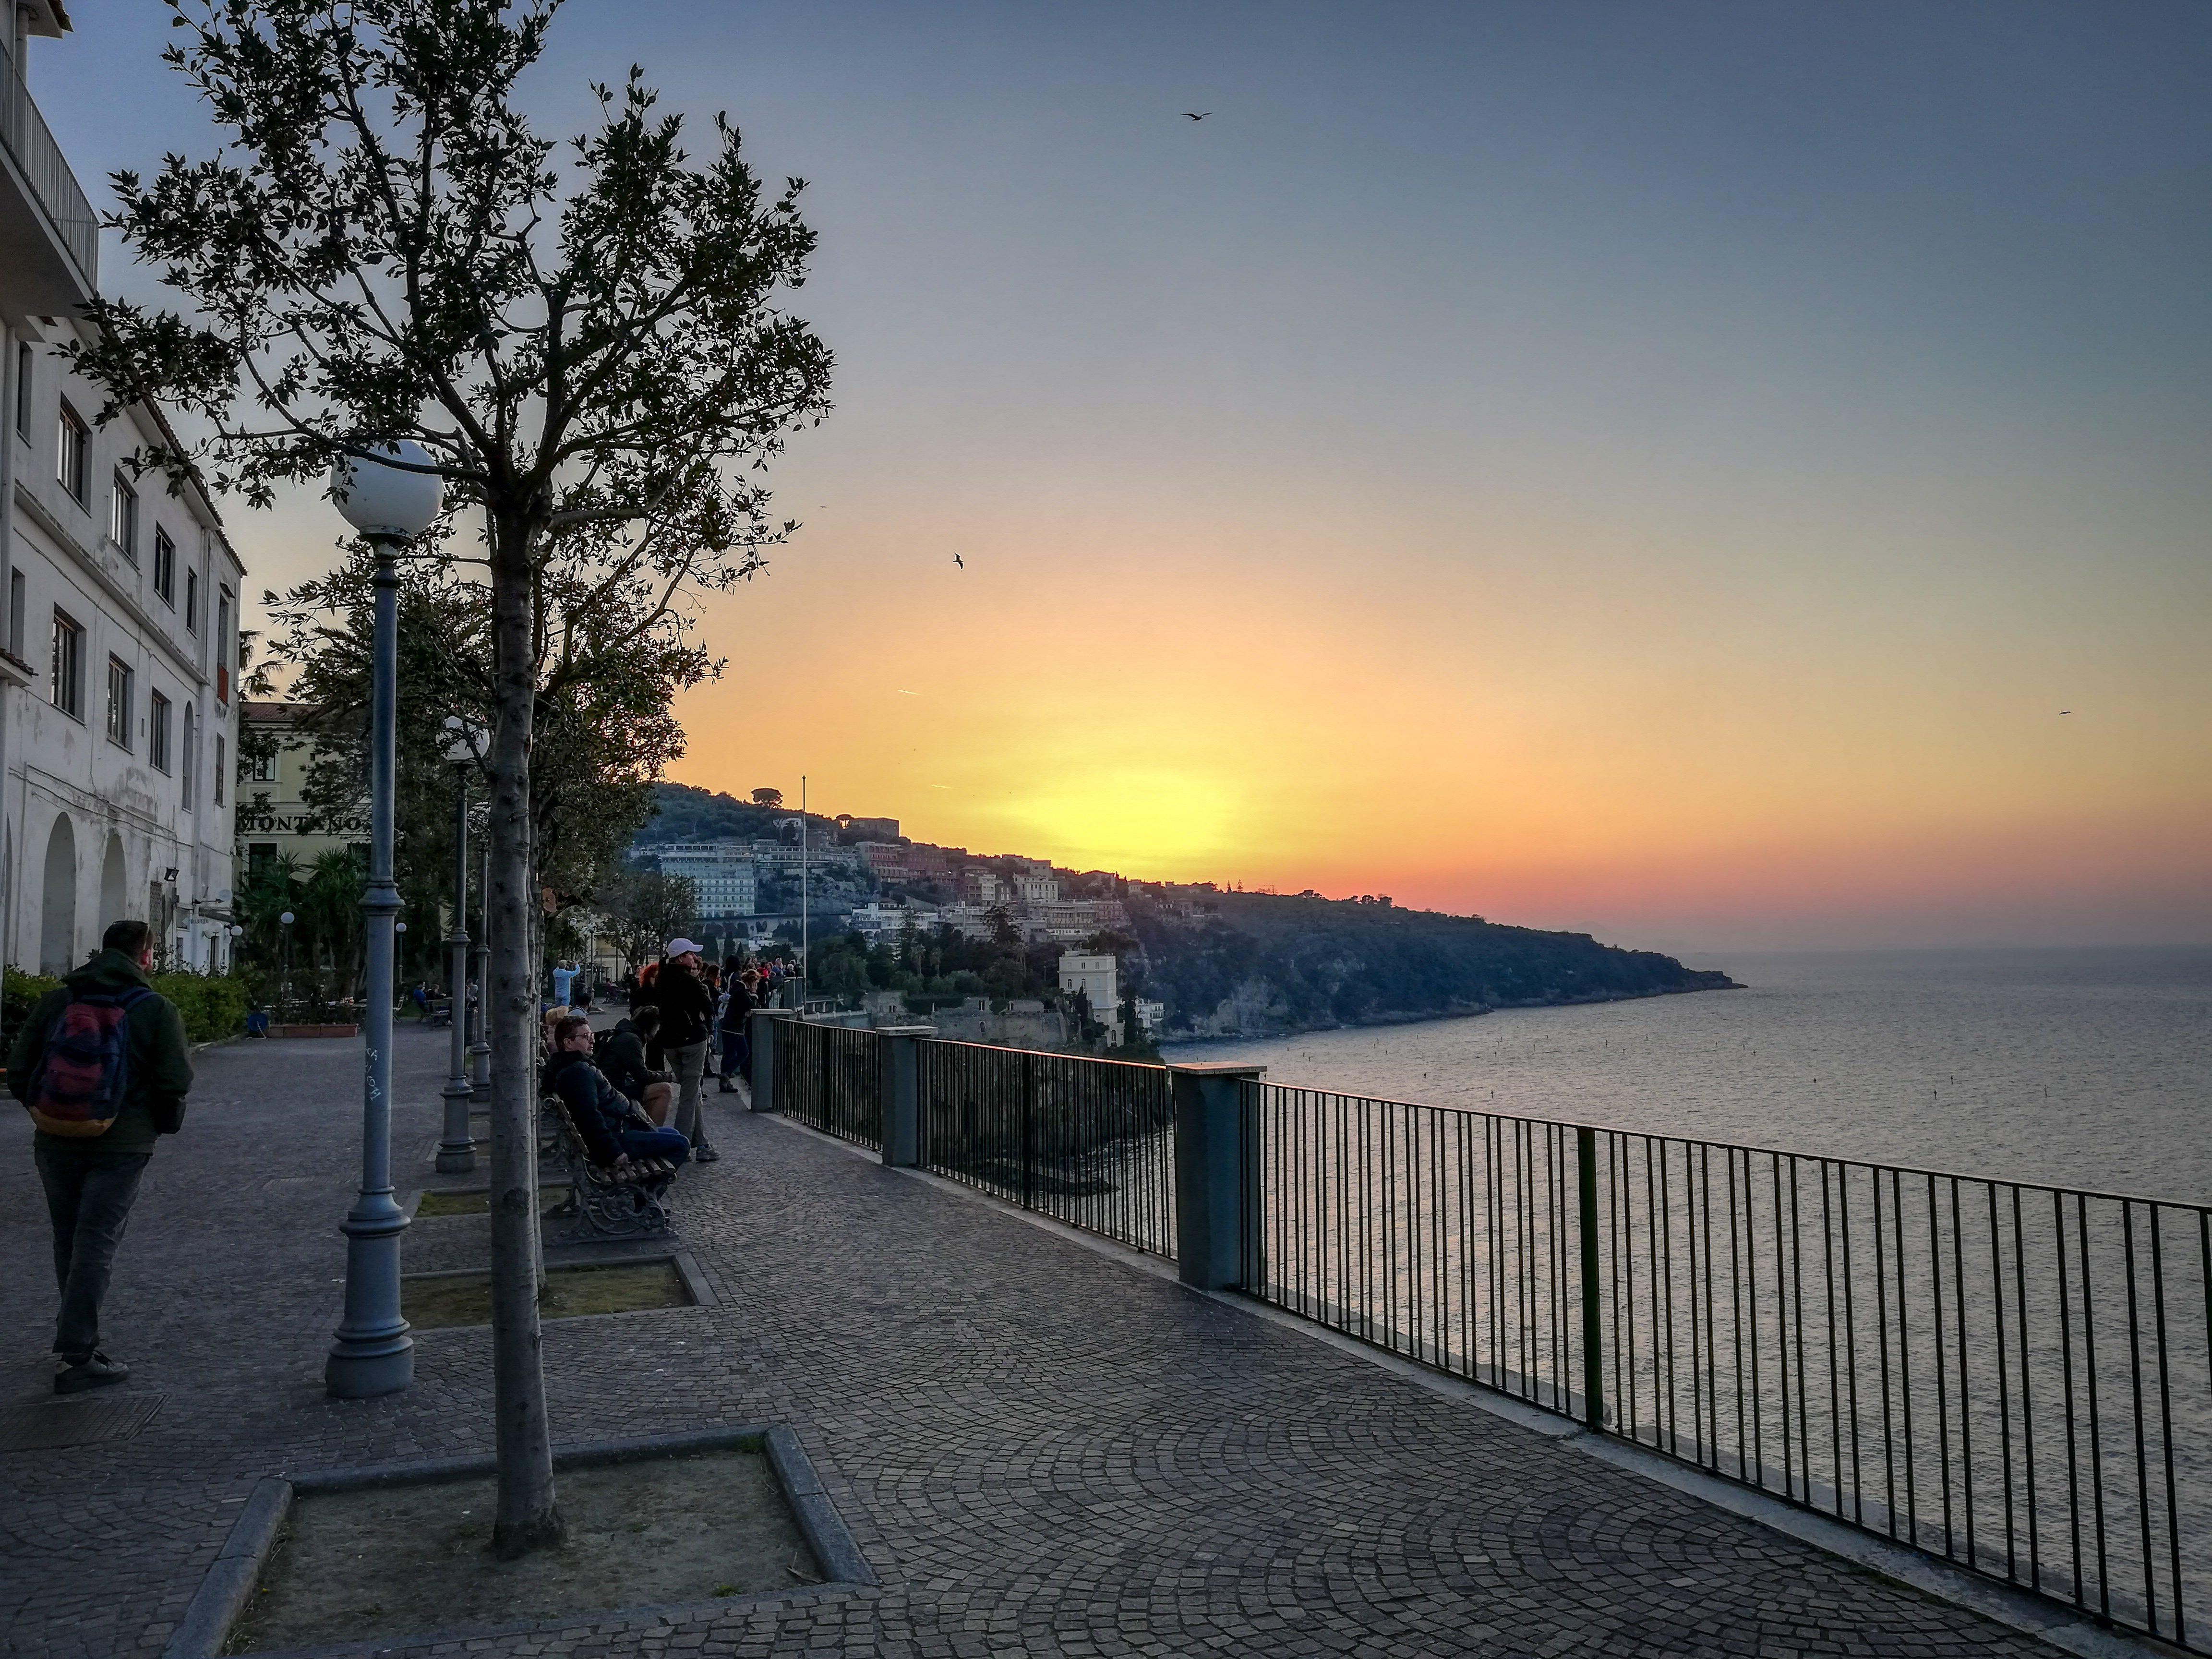 Σορρέντο: Φύγαμε για  εξόρμηση στην Ιταλική Ακτή